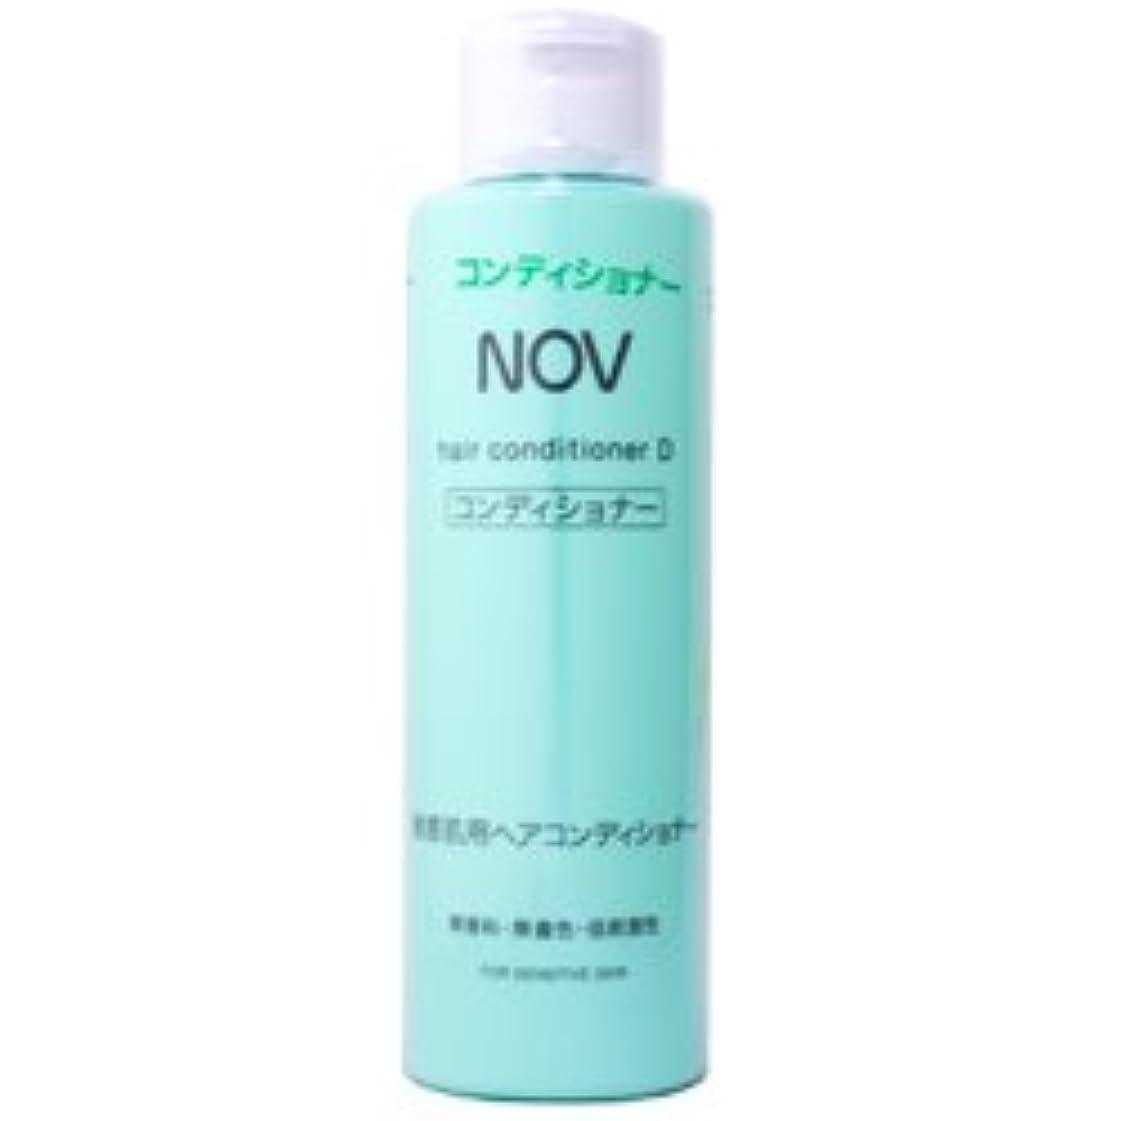 コントローラファウル翻訳するノブ NOV ヘアコンディショナーD 250mL [並行輸入品]